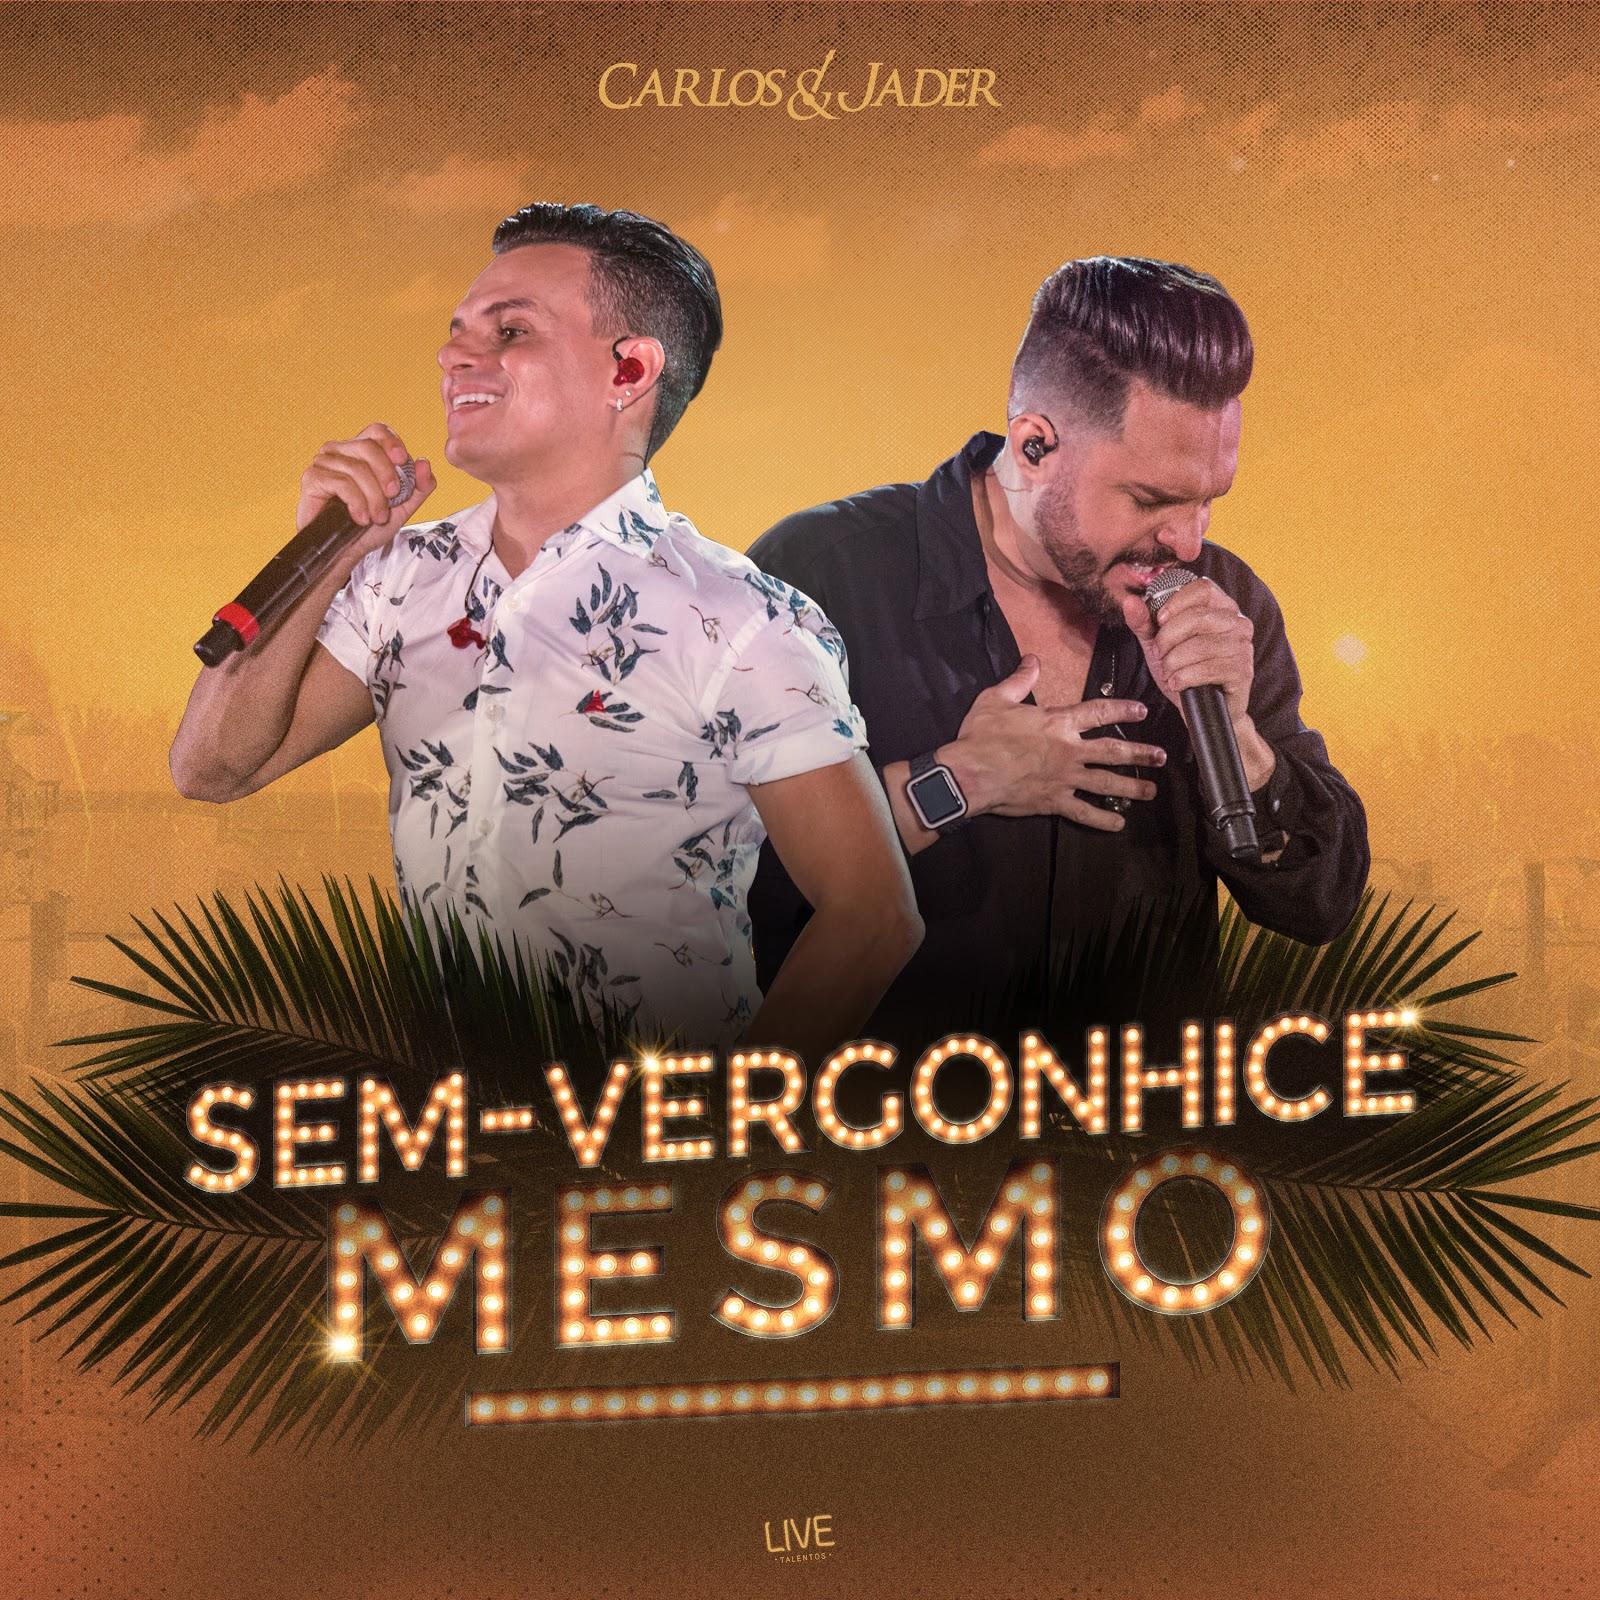 """Lançando sexto DVD da carreira, Carlos & Jader divulgam single """"Sem-vergonhice mesmo"""" 41"""